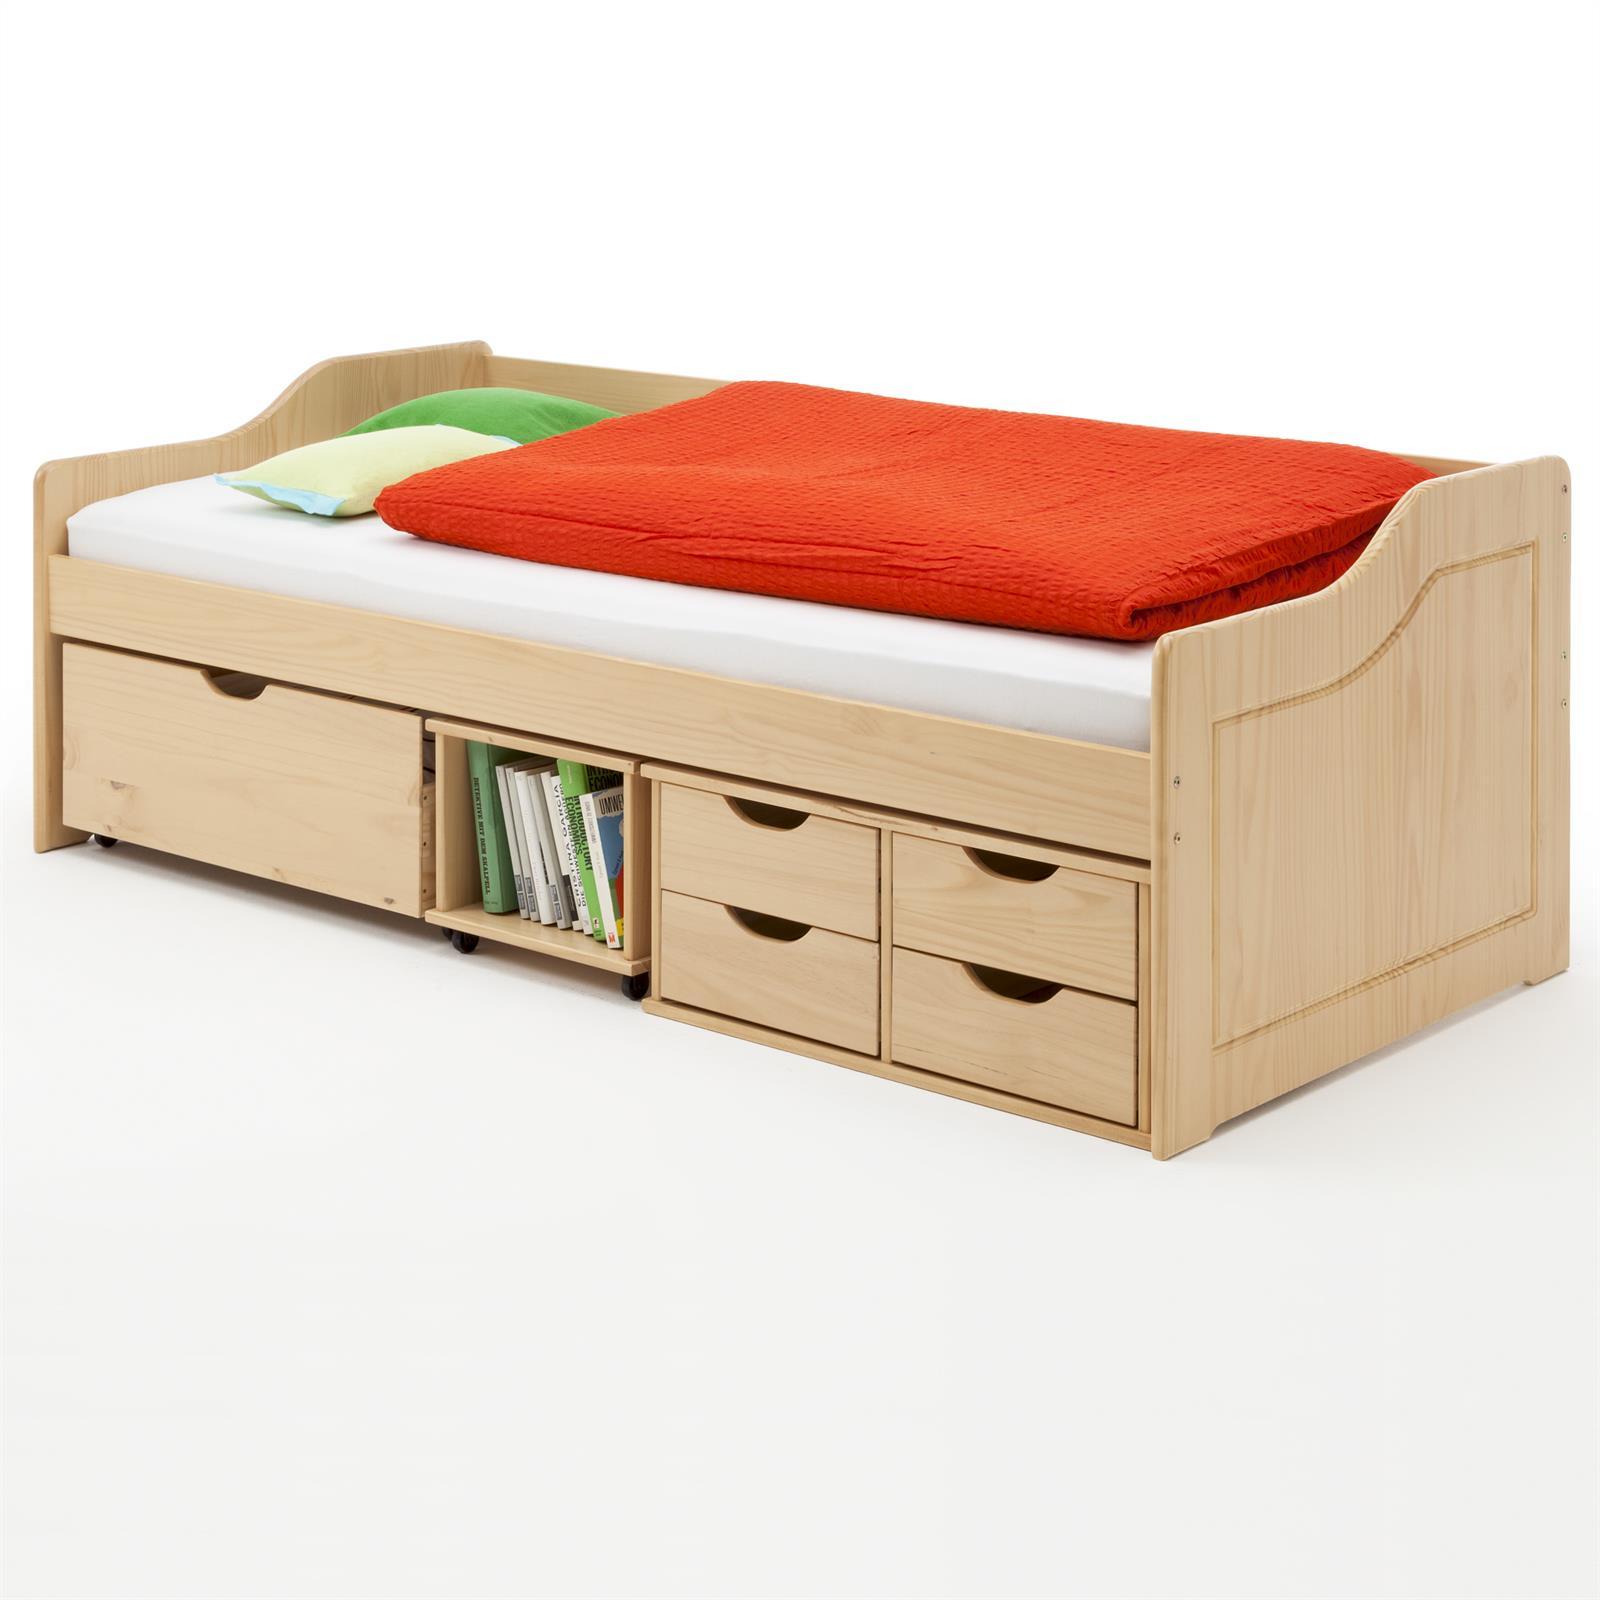 sofabett funktionsbett kojenbett kinderbett jugendbett 90. Black Bedroom Furniture Sets. Home Design Ideas